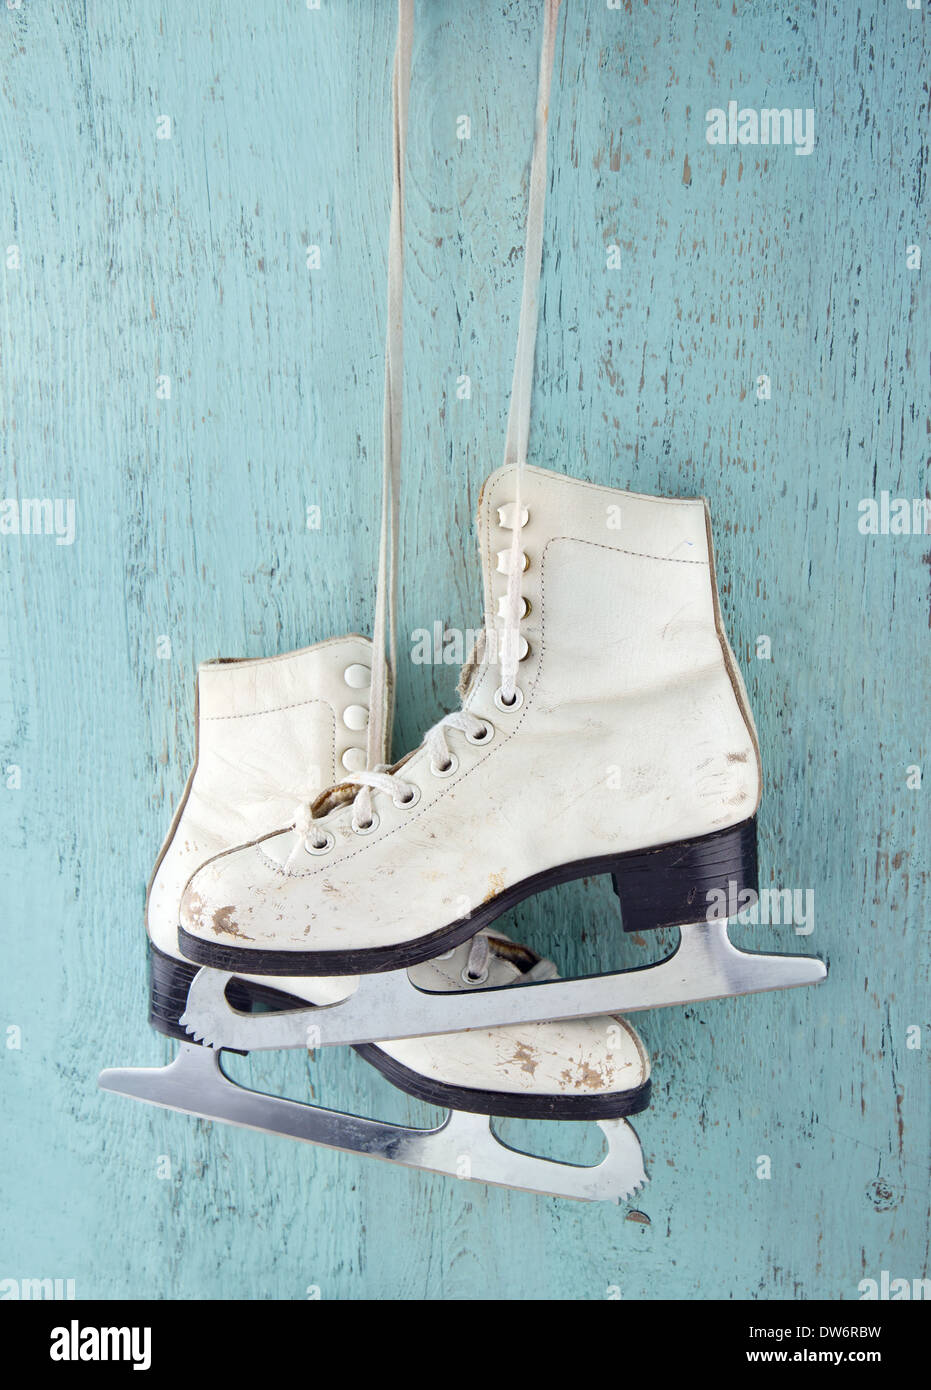 Par de patines de hielo la mujer blanca sobre fondo azul de madera vintage - femenino concepto deportes de invierno Imagen De Stock